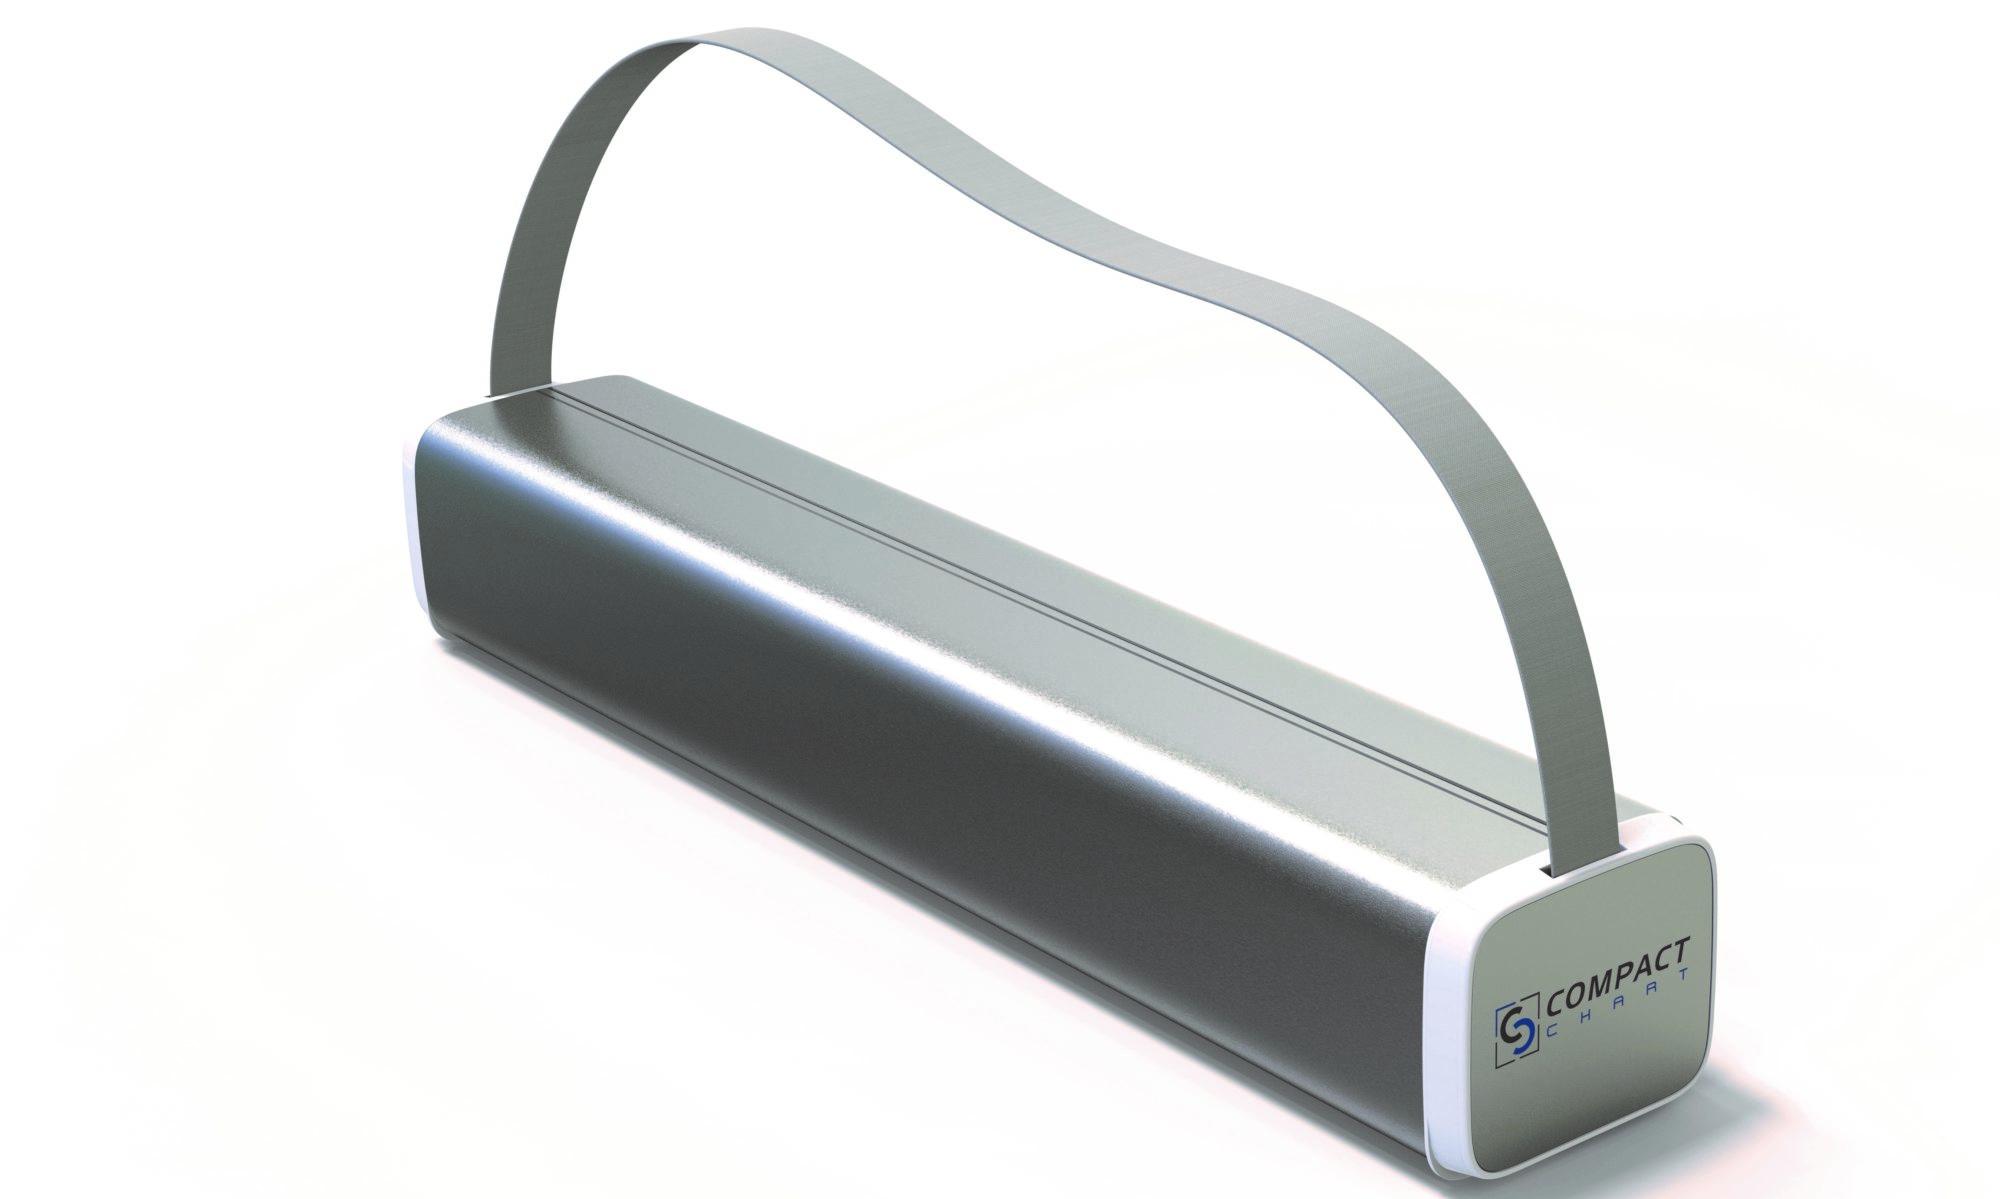 CompactChart - Das mobile Flipchart